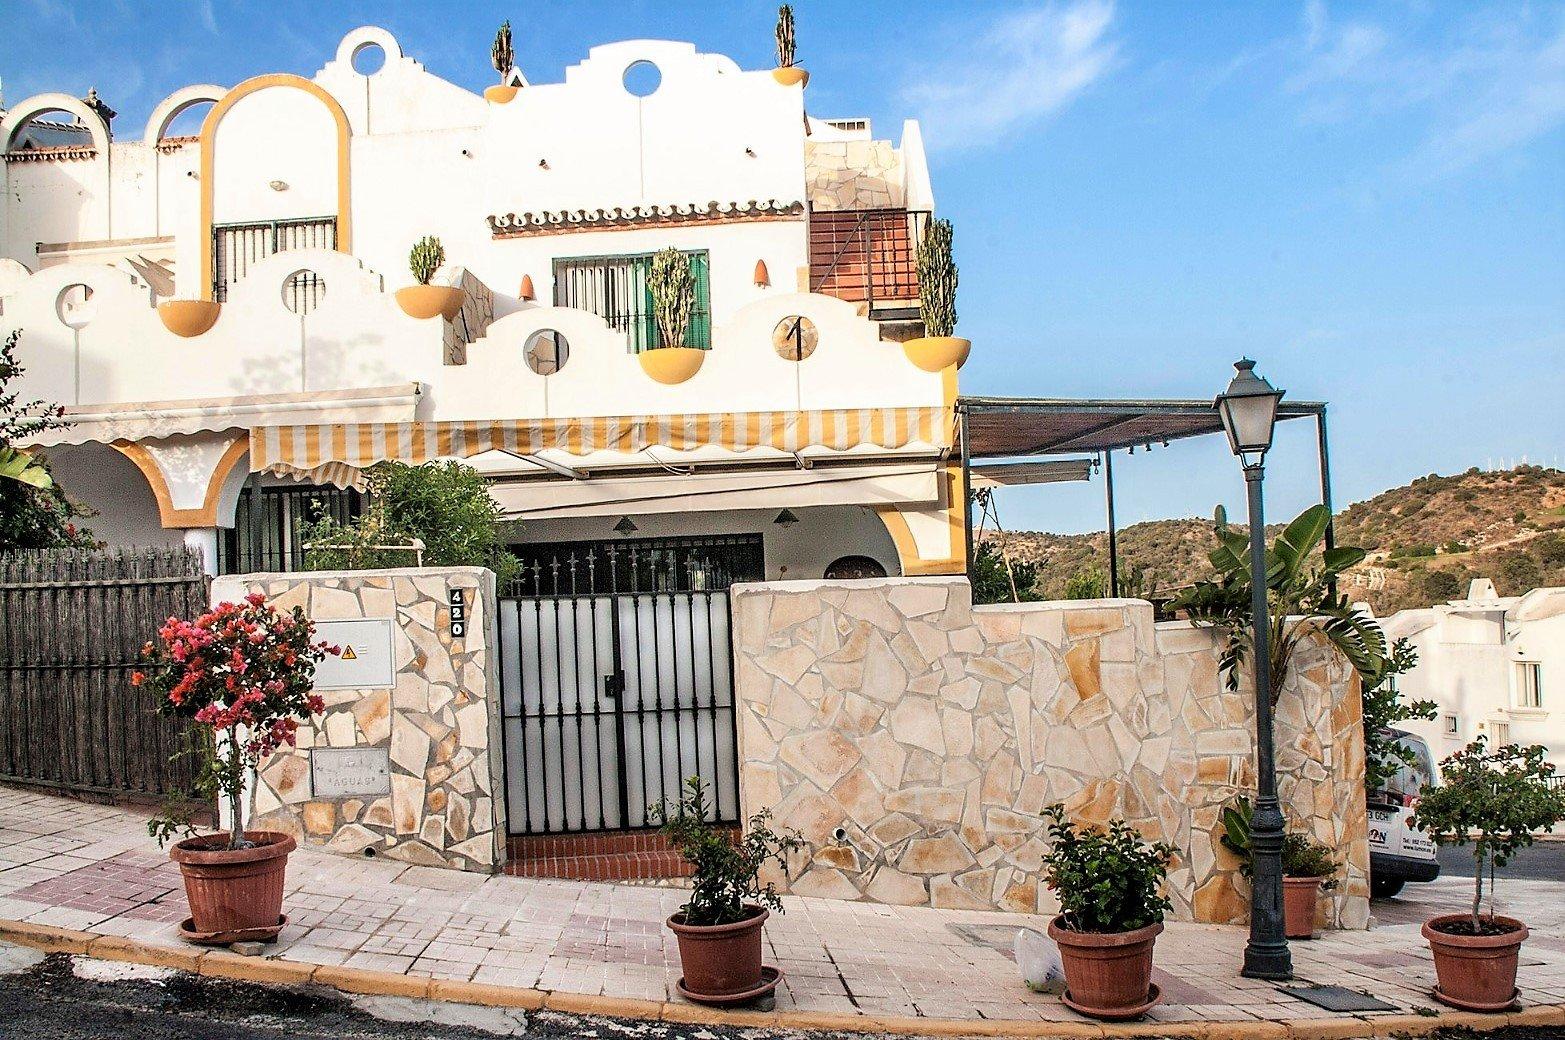 Adosado a la venta en Malaga